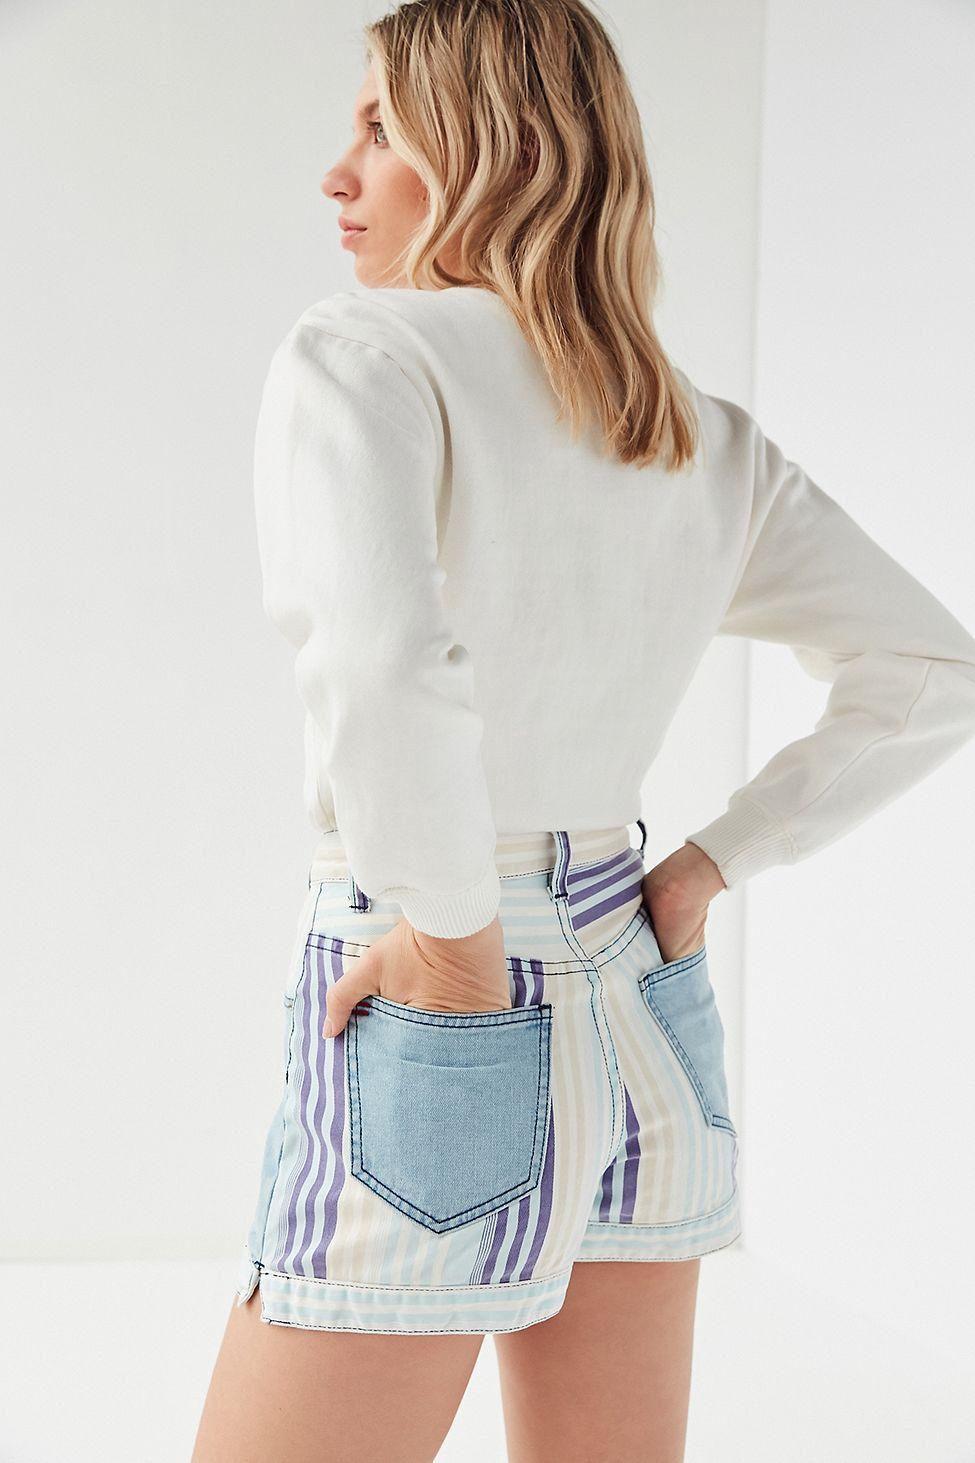 755bfef6b8 Urban Outfitters Bdg Mom High-Rise Denim Short – Nebraska - Blue Multi